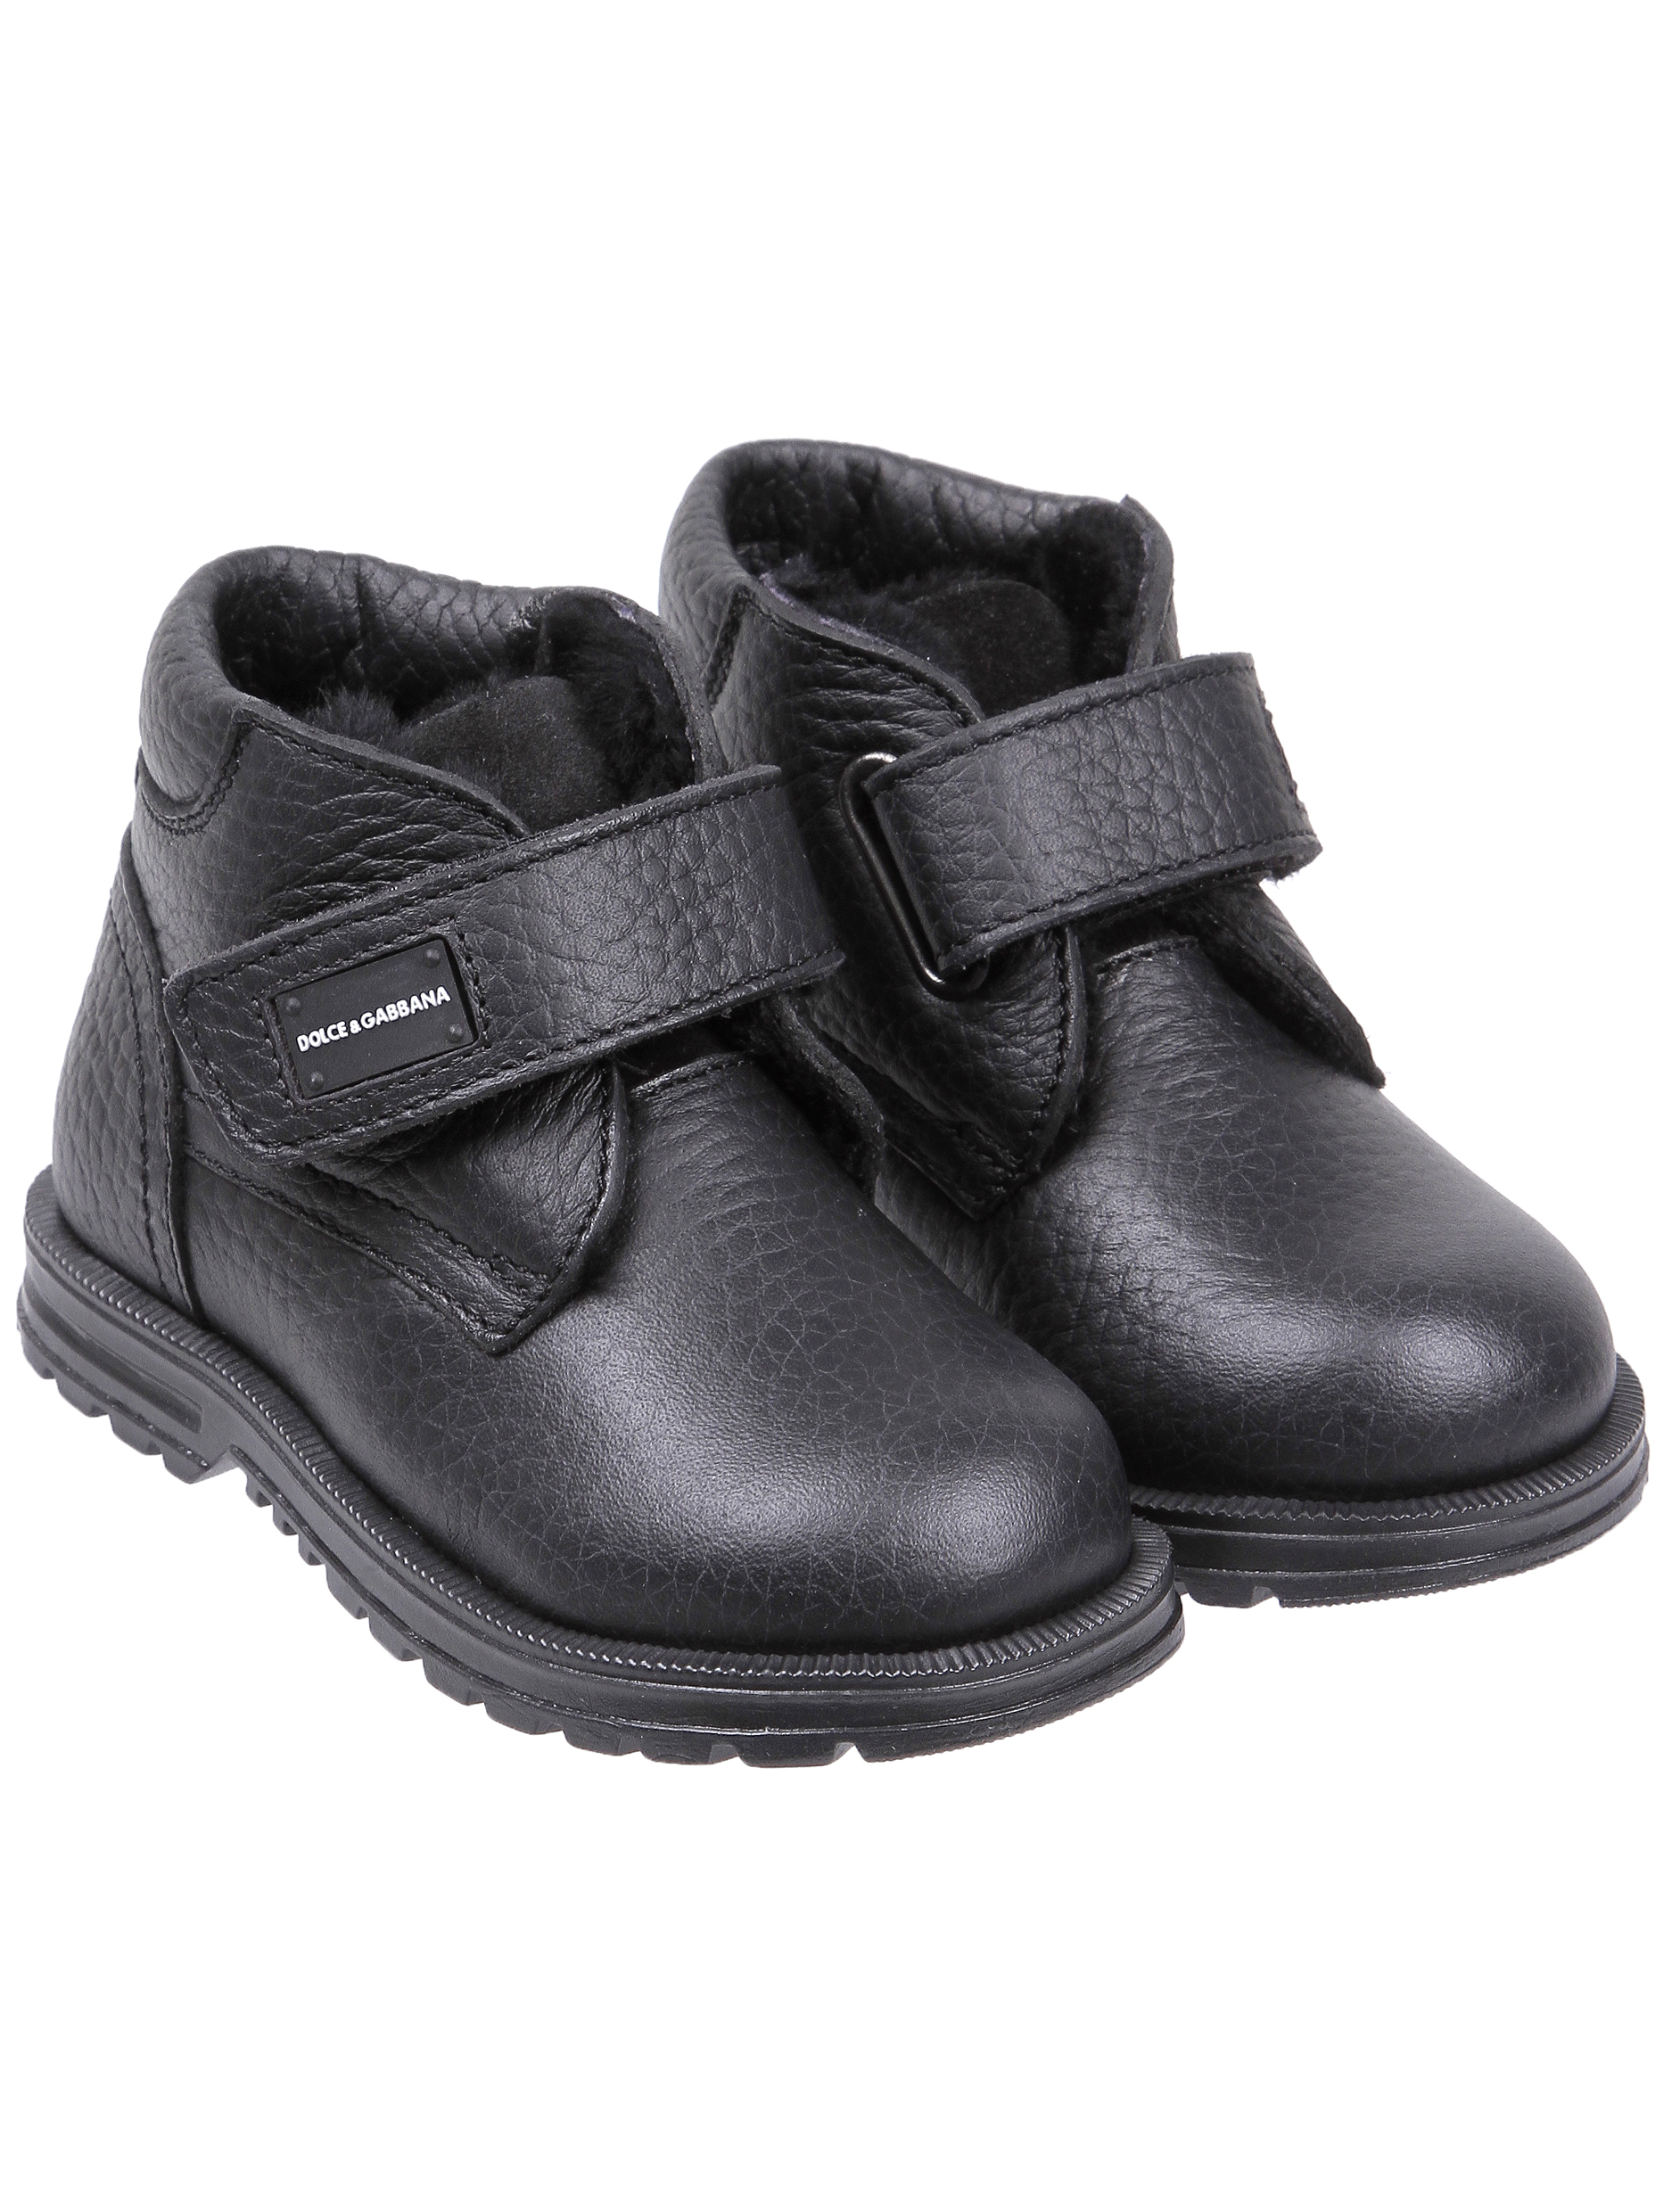 1845463, Ботинки Dolce & Gabbana, черный, Мужской, 2031119880212  - купить со скидкой